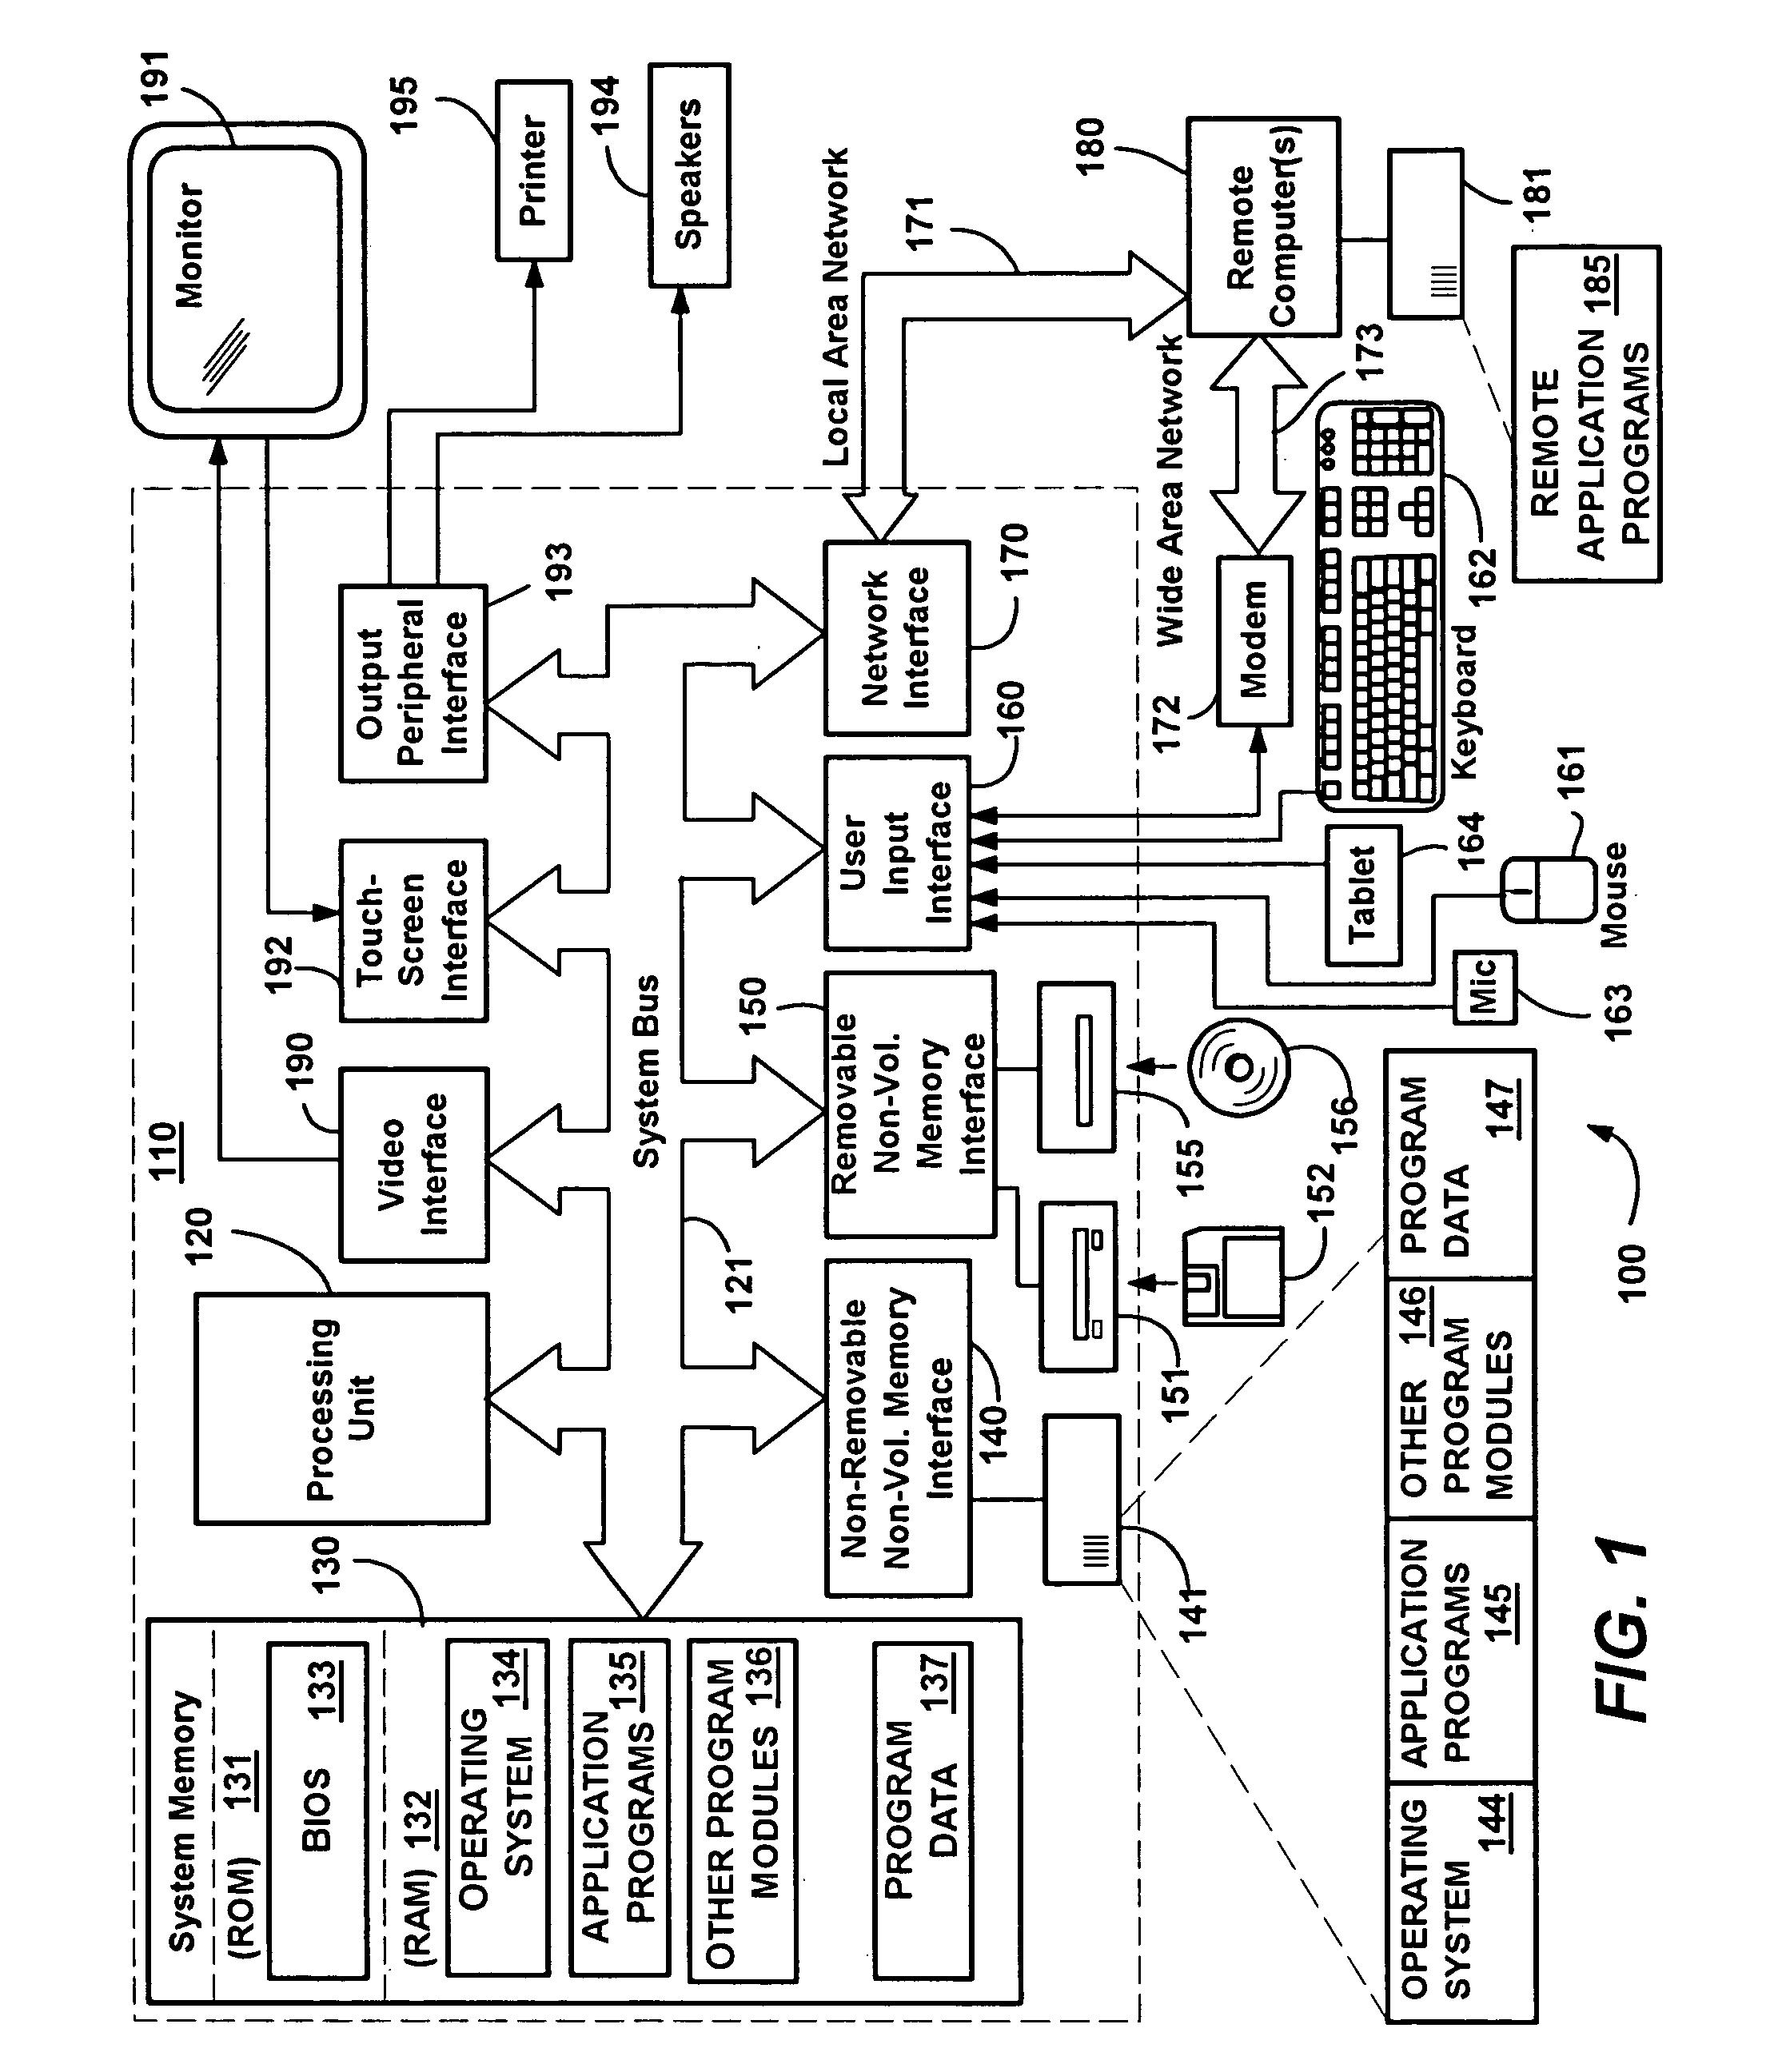 patent us20050069101